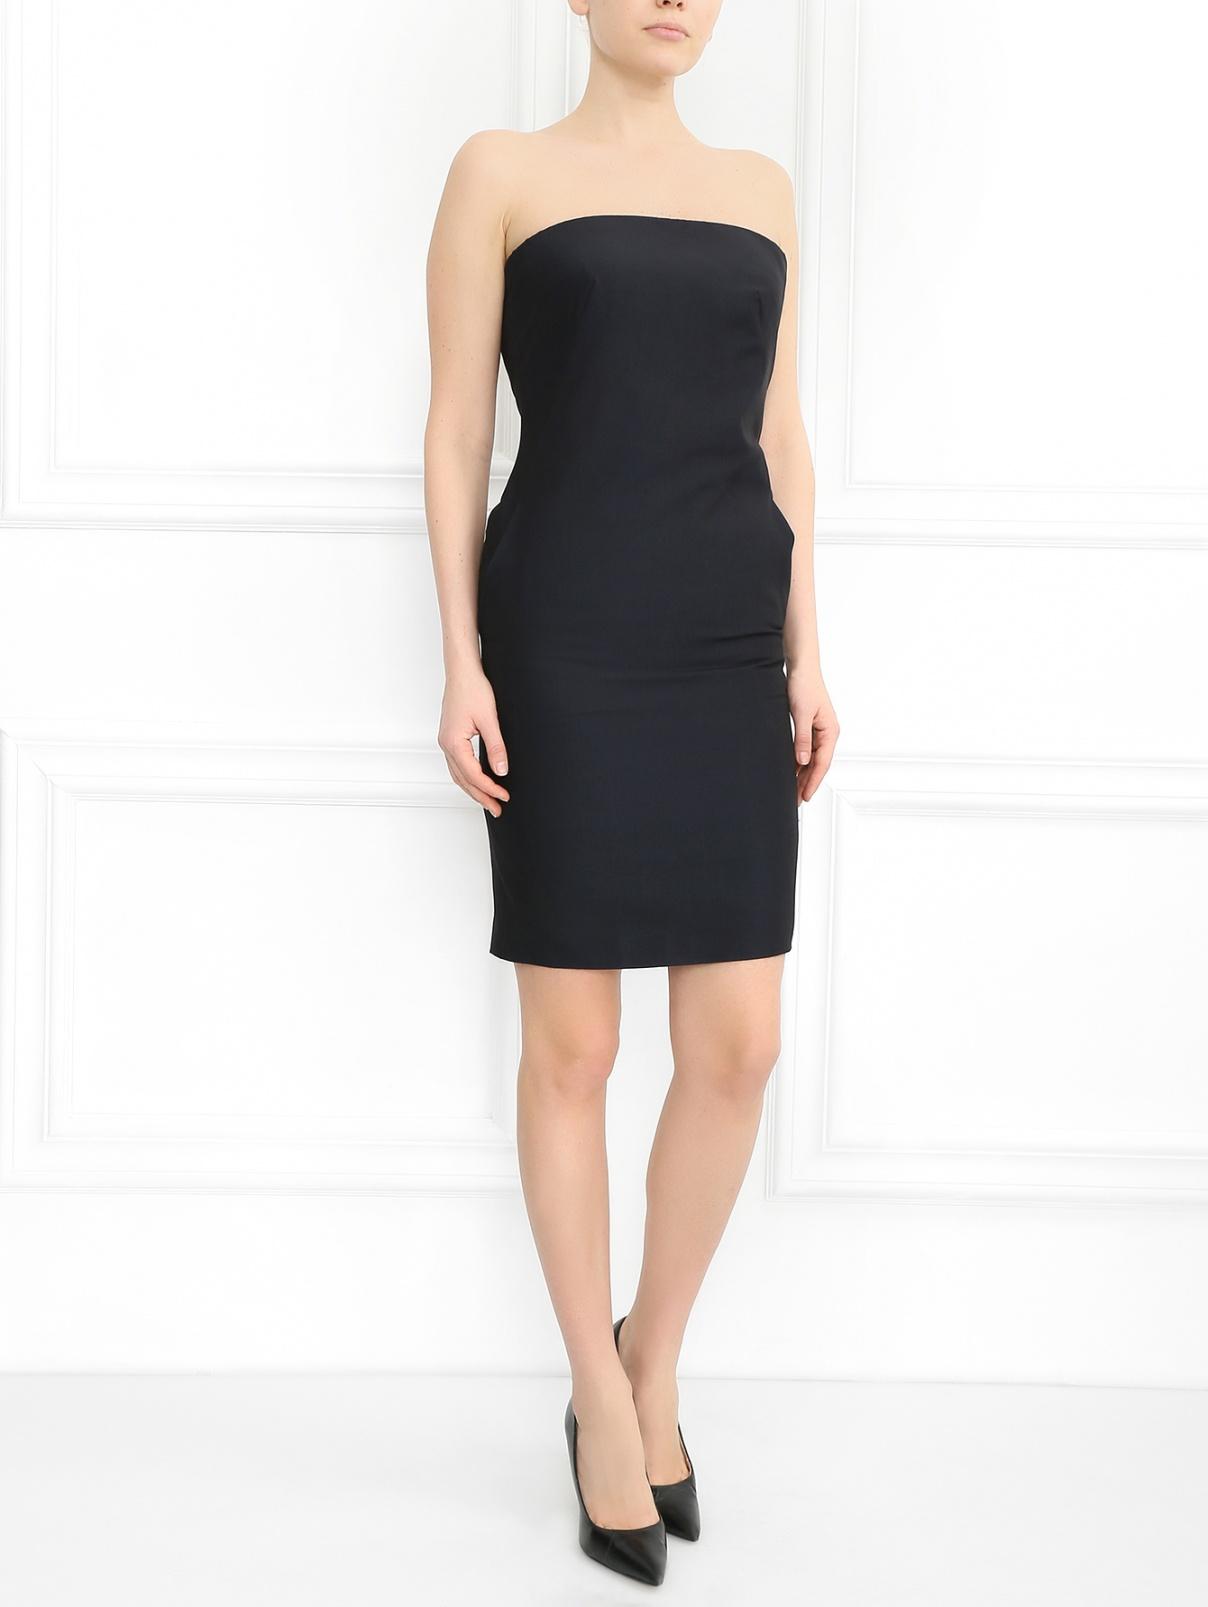 Платье-мини из шелка Jean Paul Gaultier  –  Модель Общий вид